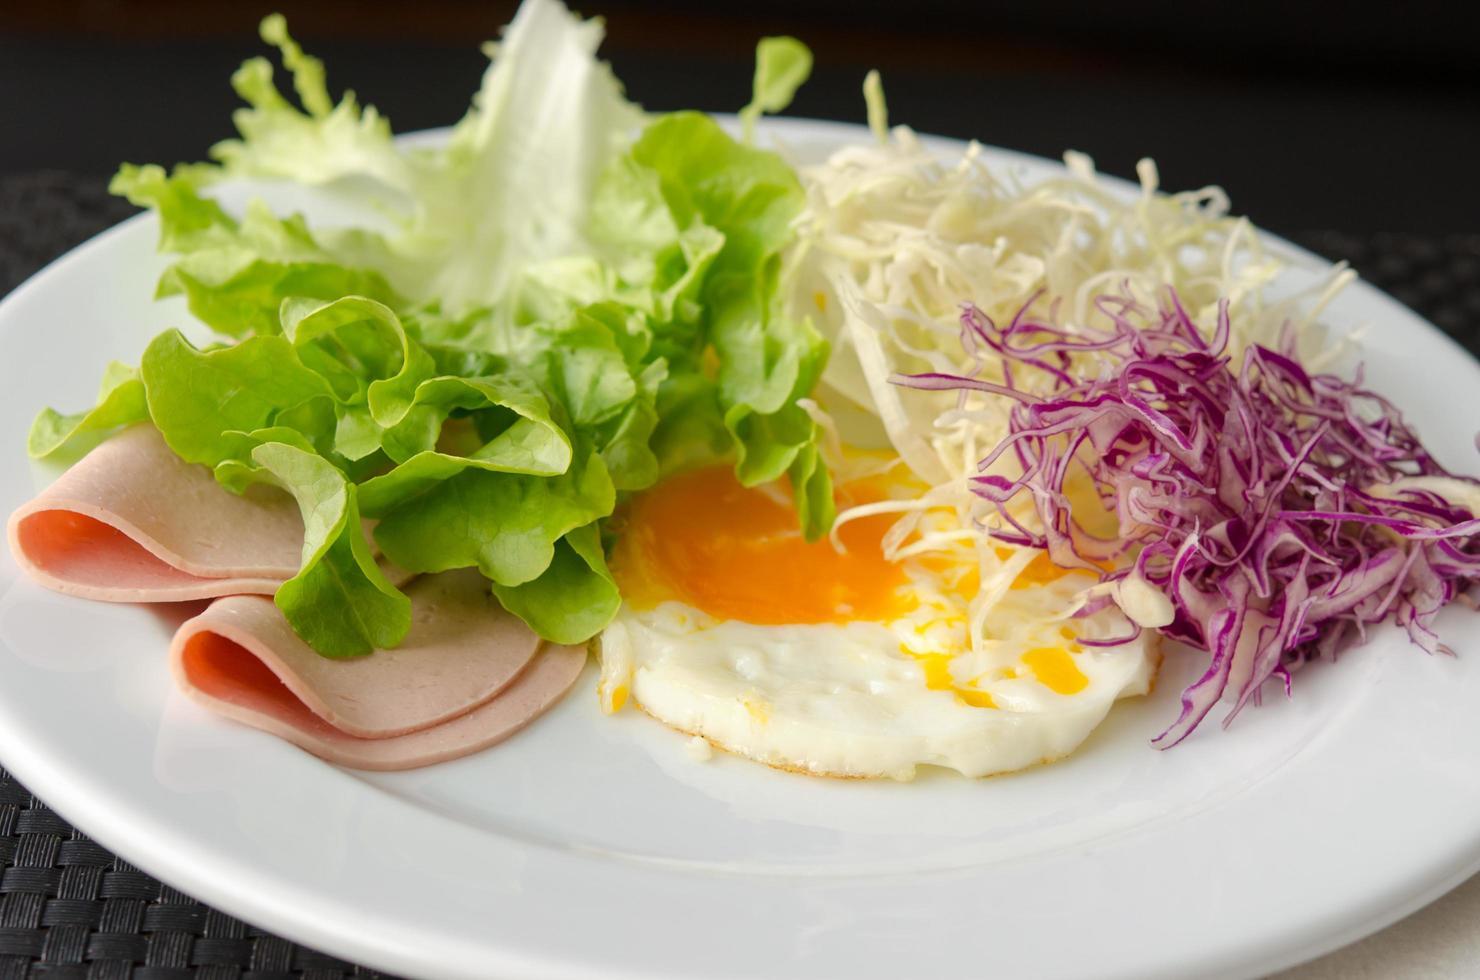 äggfrukost på en tallrik foto